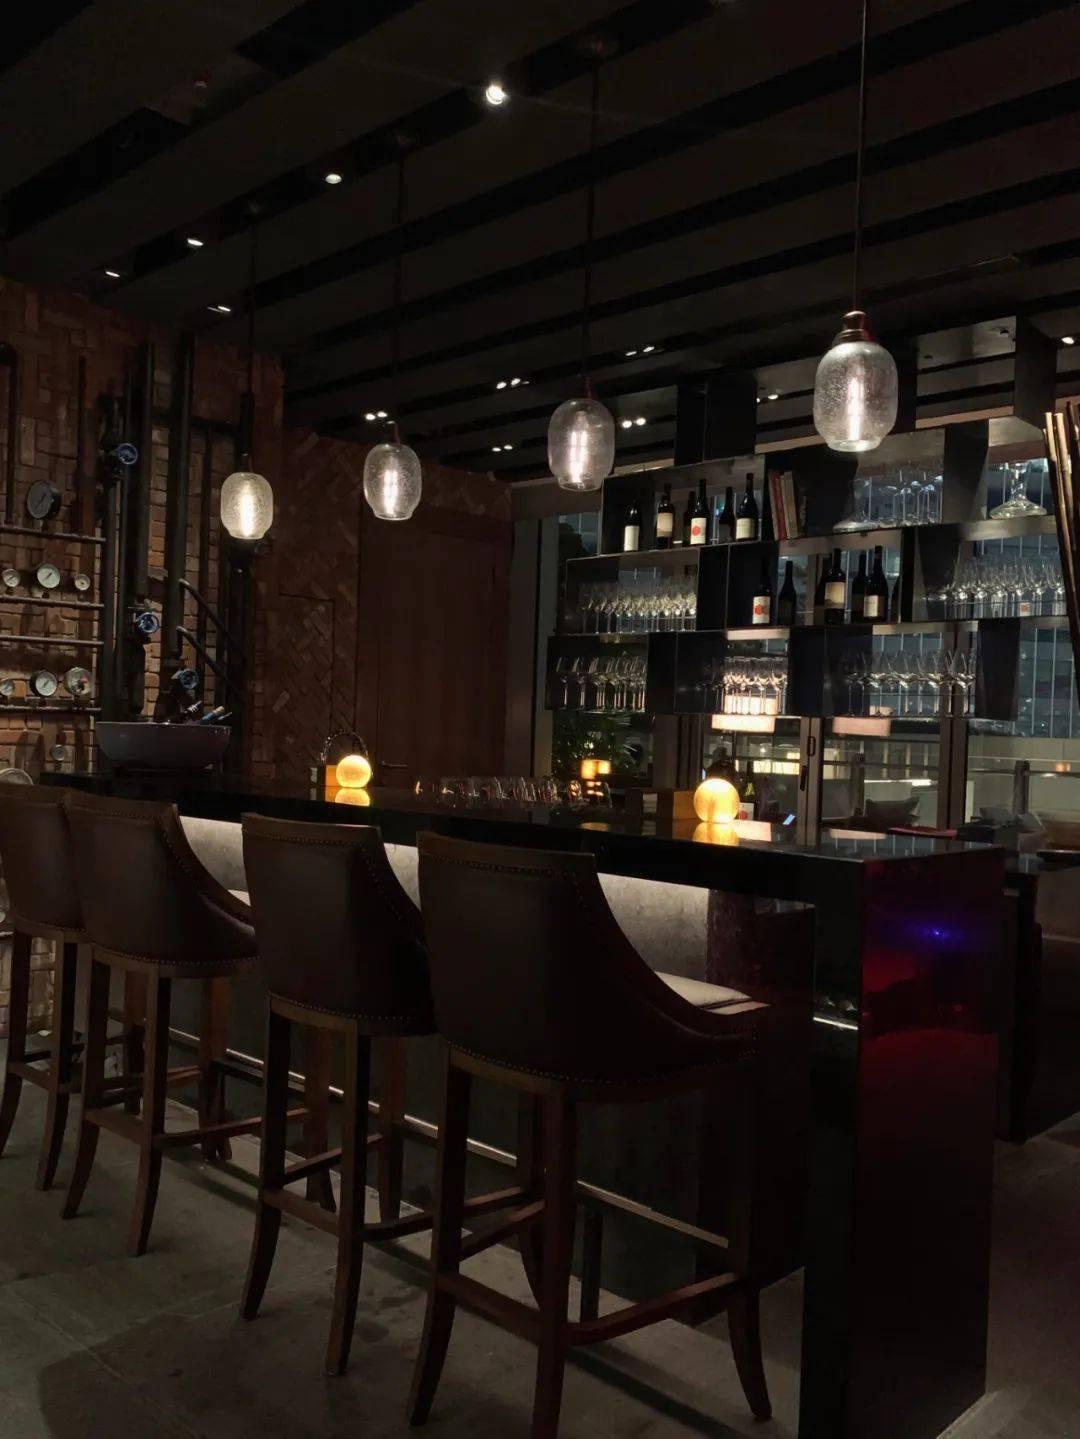 广州6家五星级酒店的奢华酒吧,喝酒赏景两不误